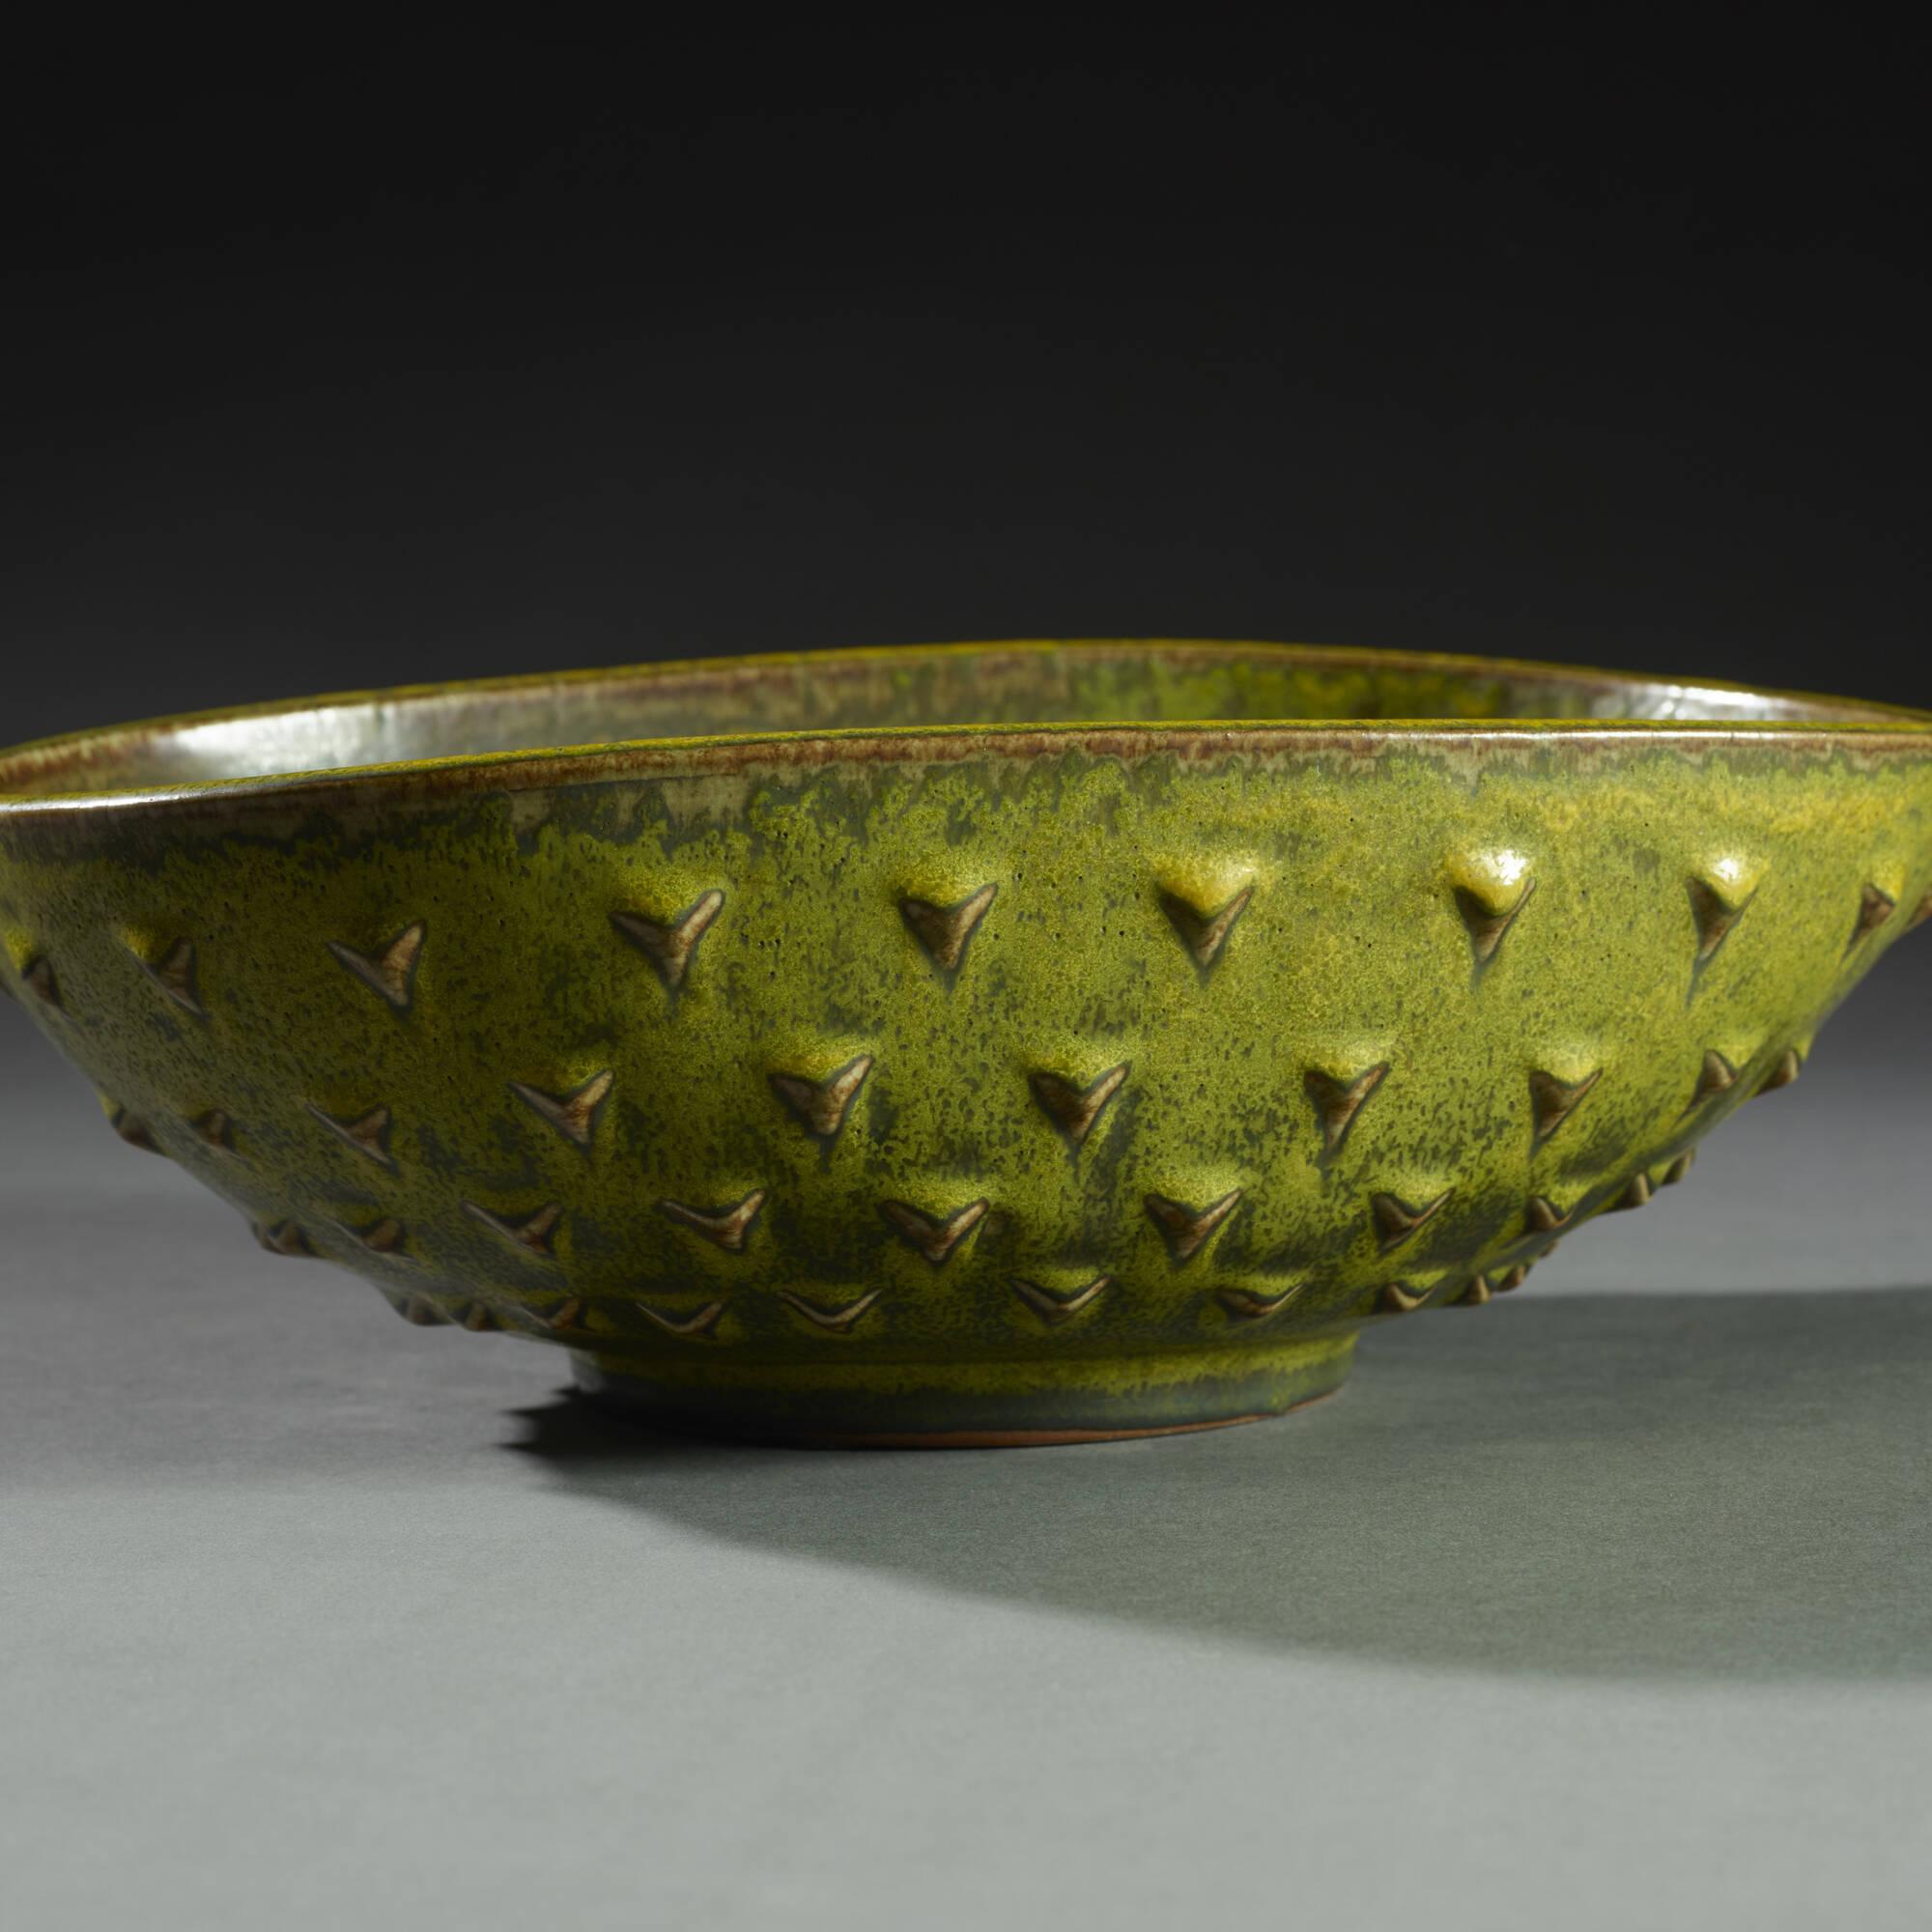 149: Nils Thorsson / bowl (2 of 3)